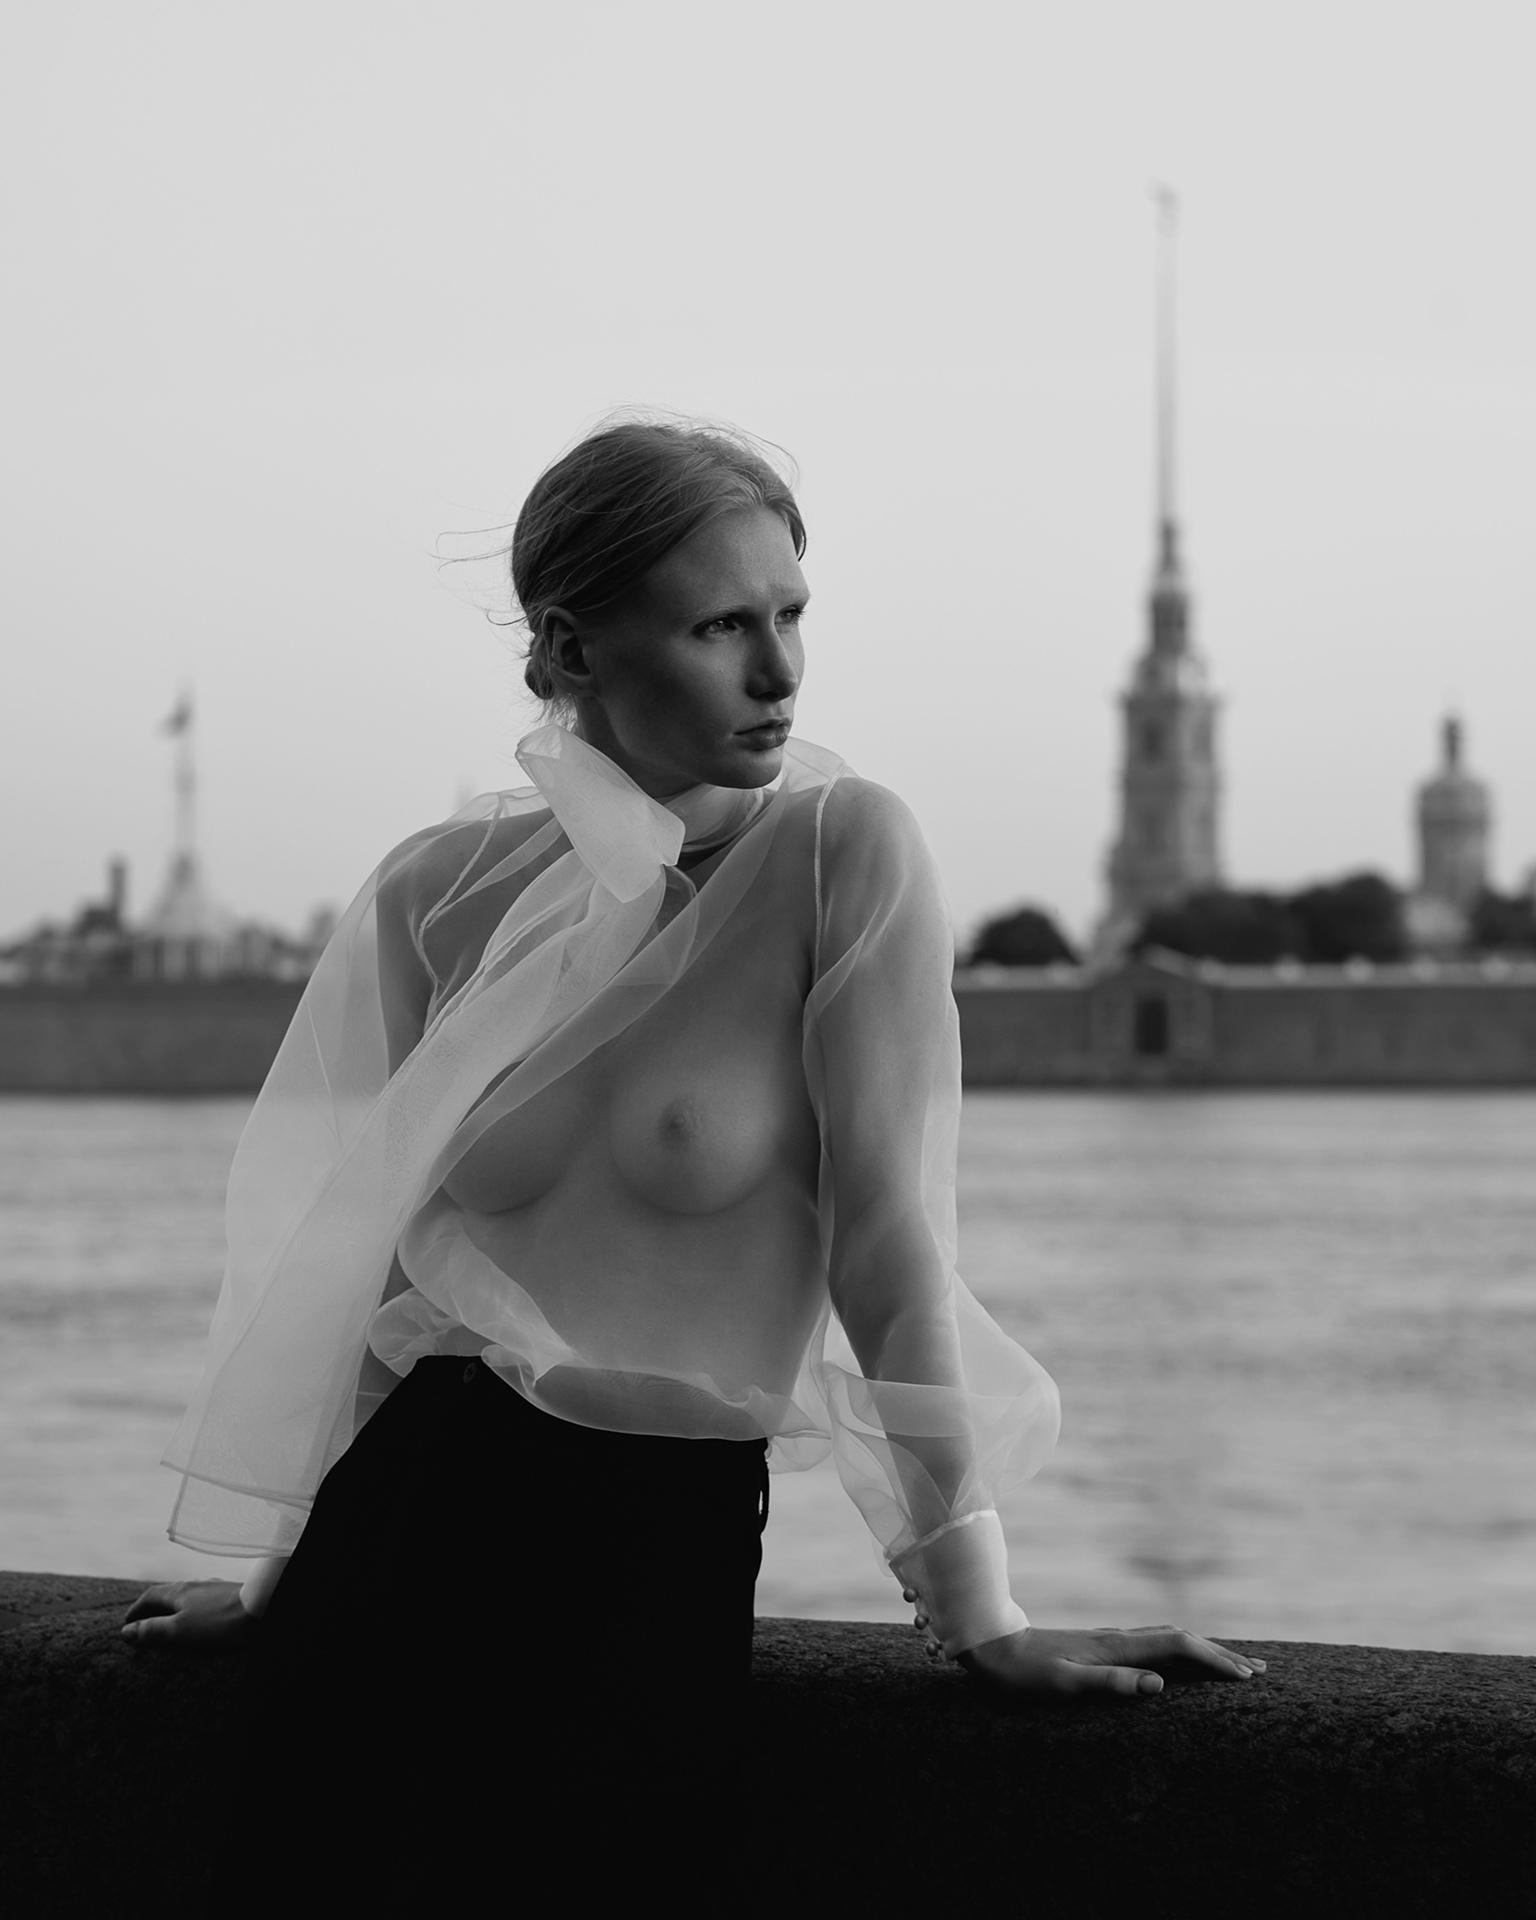 https://instagram.com/youngfolks_ru/